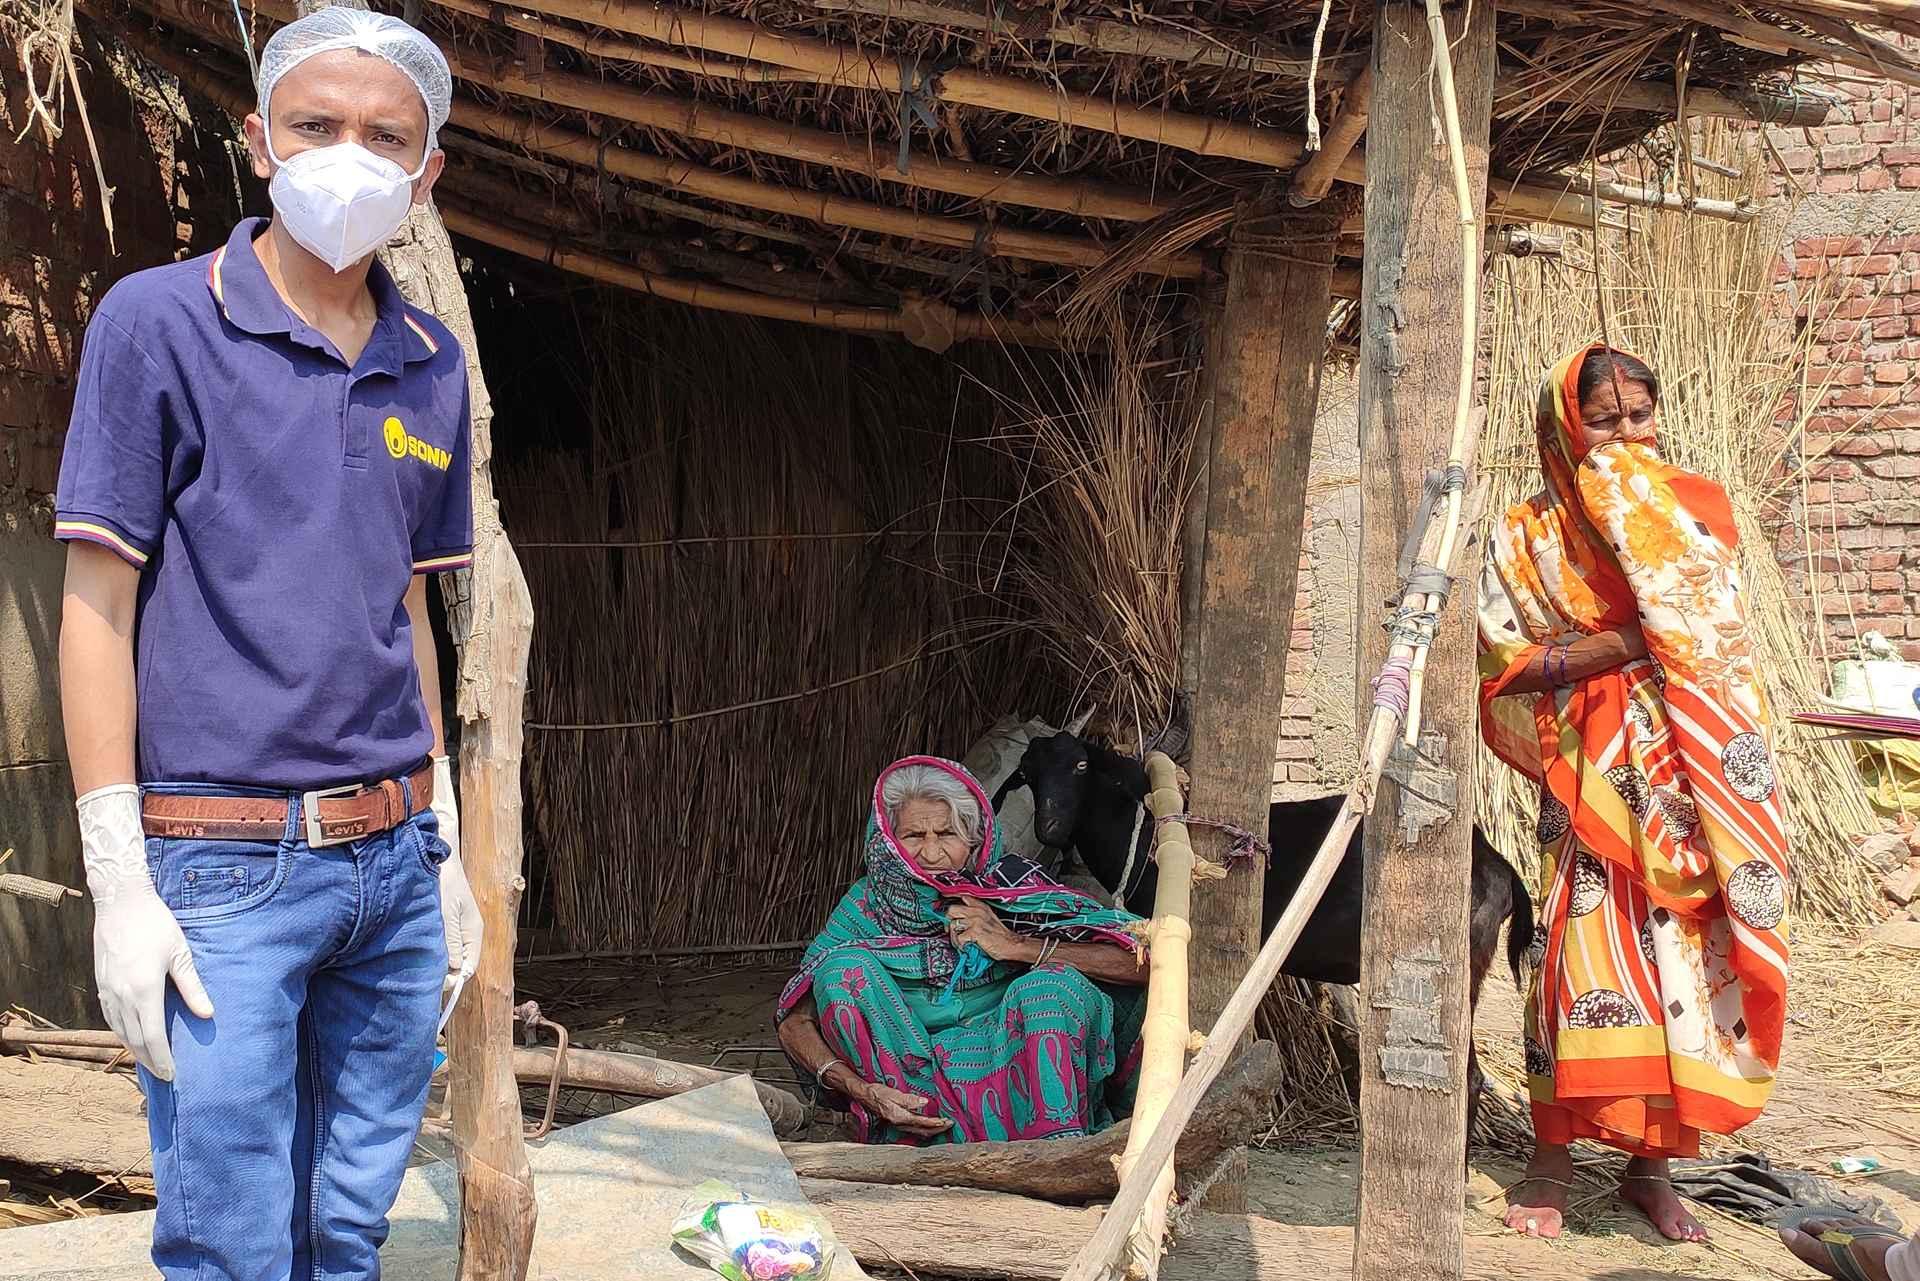 Coronahilfe Jetzt, in Indien im Einsatz